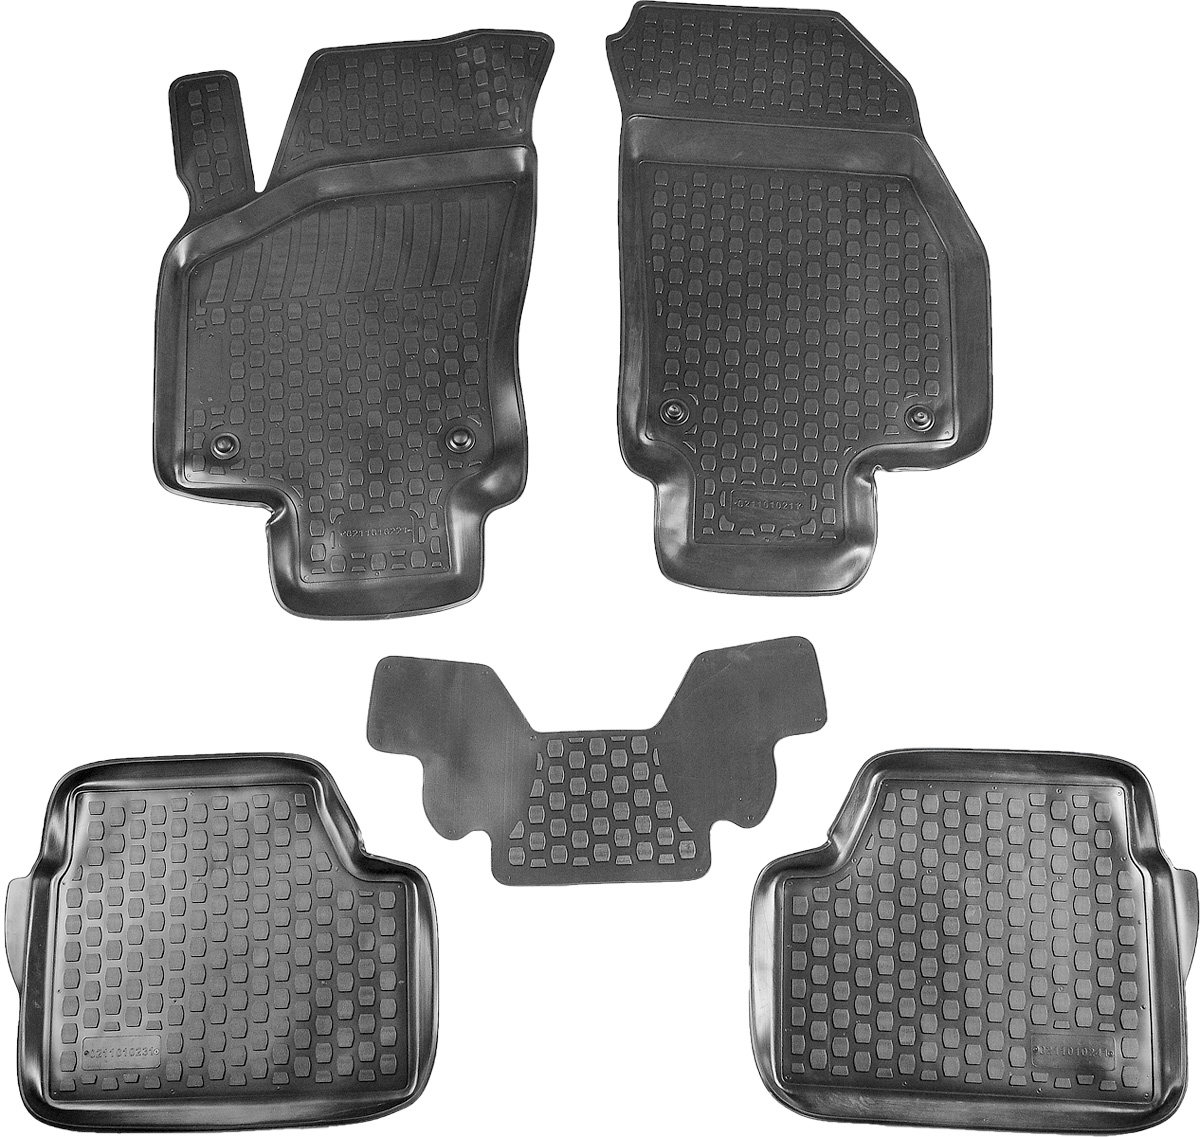 Коврик в салон автомобиля L.Locker, для Opel Astra H hb (04-), 5 шт0211011101Коврики L.Locker производятся индивидуально для каждой модели автомобиля из современного и экологически чистого материала. Изделия точно повторяют геометрию пола автомобиля, имеют высокий борт, обладают повышенной износоустойчивостью, антискользящими свойствами, лишены резкого запаха и сохраняют свои потребительские свойства в широком диапазоне температур (от -50°С до +80°С). Рисунок ковриков специально спроектирован для уменьшения скольжения ног водителя и имеет достаточную глубину, препятствующую свободному перемещению жидкости и грязи на поверхности. Одновременно с этим рисунок не создает дискомфорта при вождении автомобиля. Водительский ковер с предустановленными креплениями фиксируется на штатные места в полу салона автомобиля. Новая технология системы креплений герметична, не дает влаге и грязи проникать внутрь через крепеж на обшивку пола.